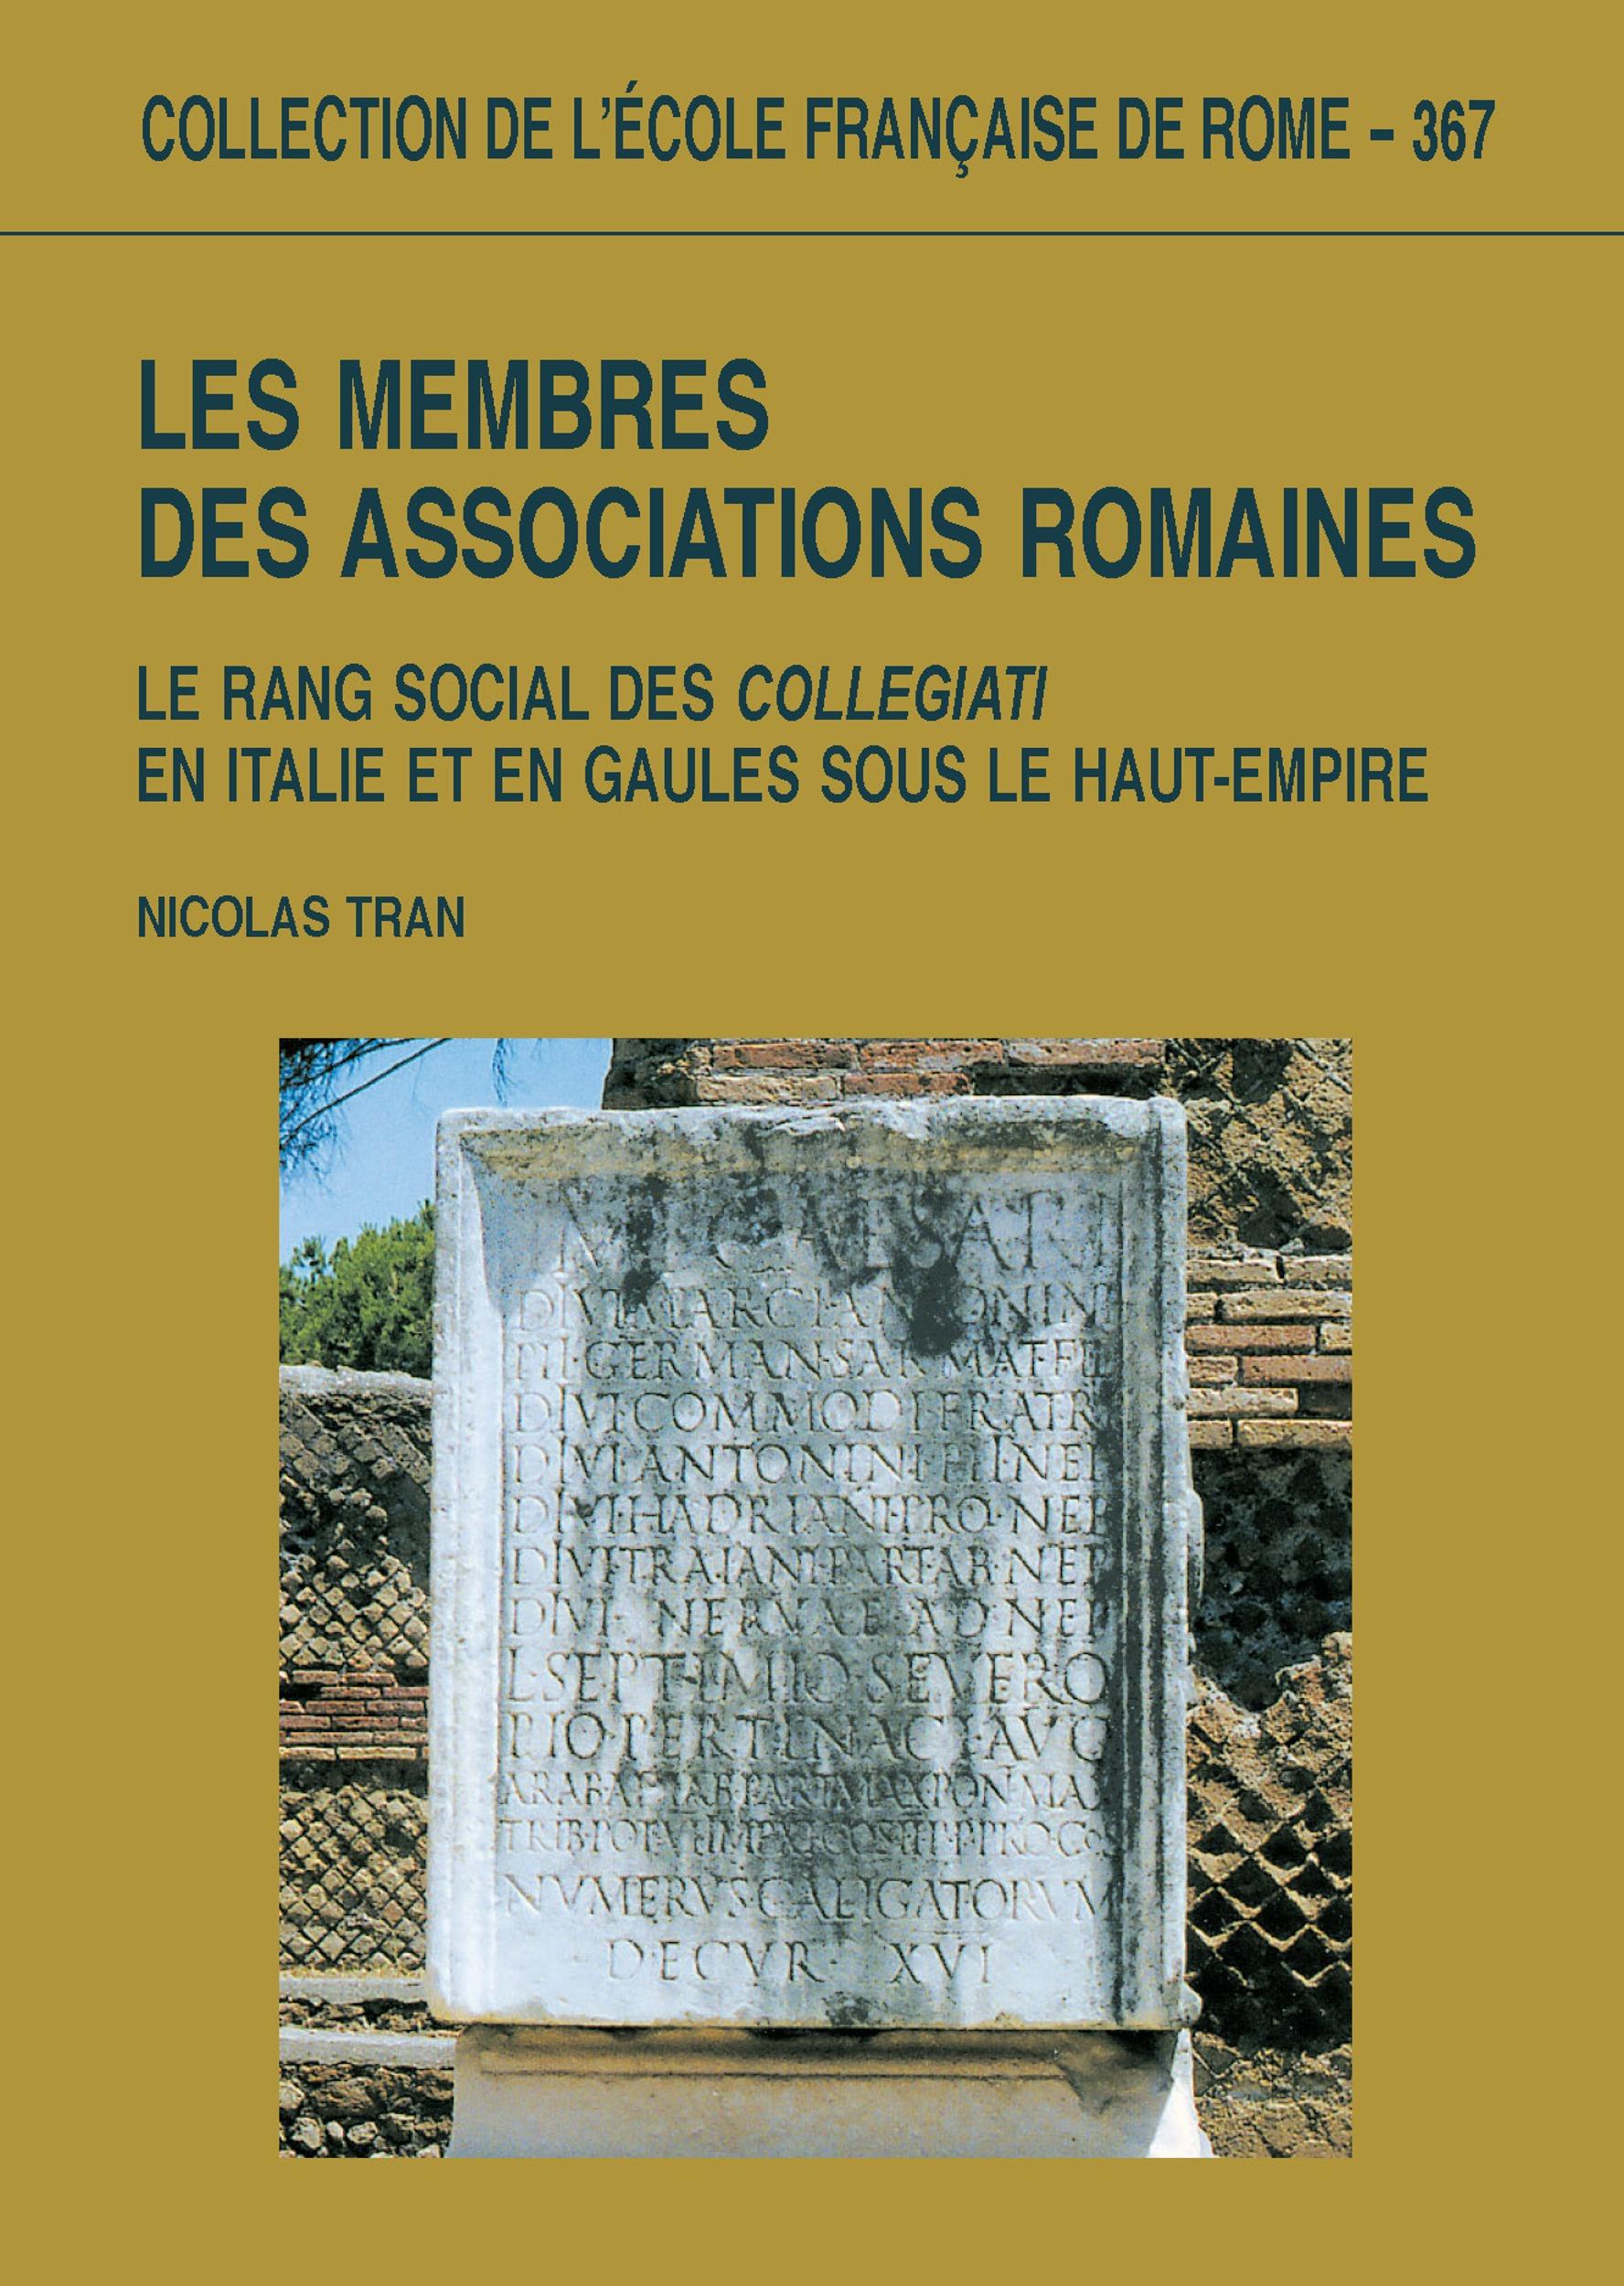 Les membres des associations romaines ; le rang social des collegati en italie et en gaule